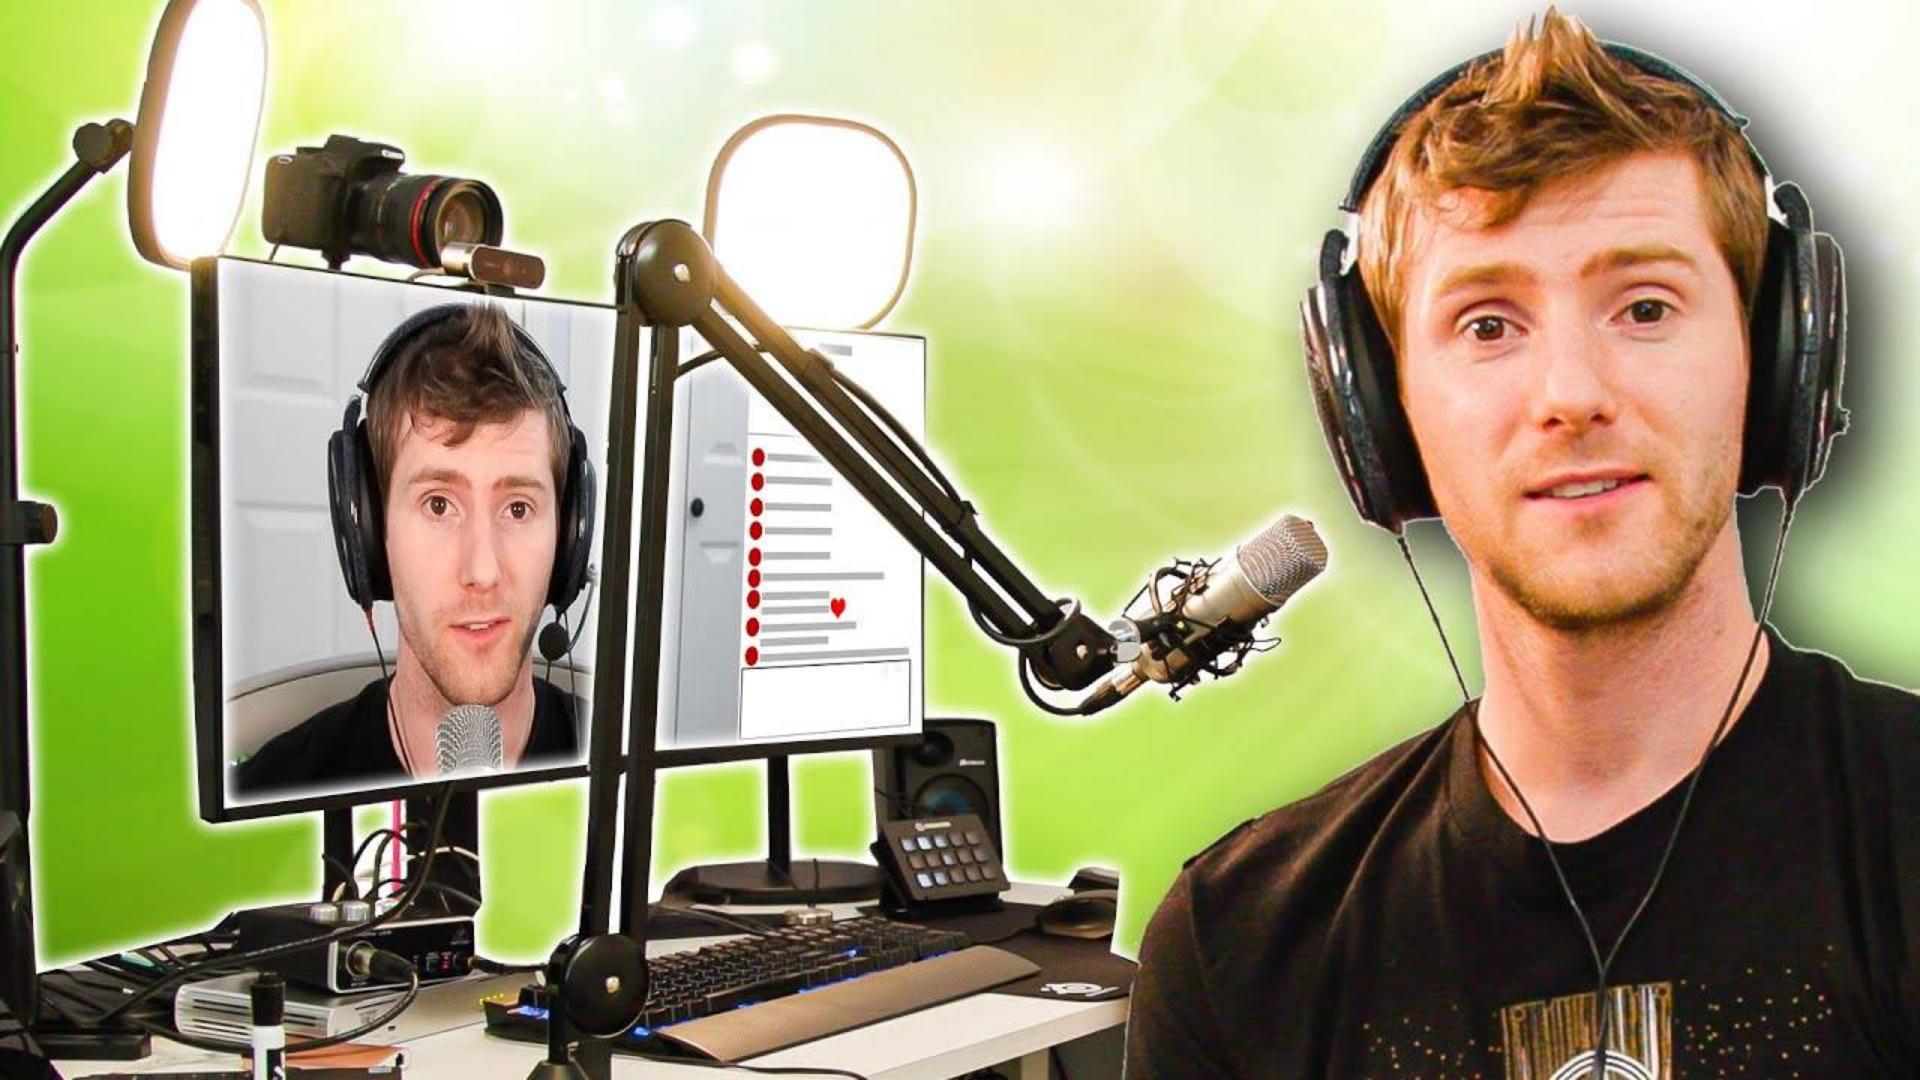 【官方双语】给莱纳斯打造极致直播室#linus谈科技